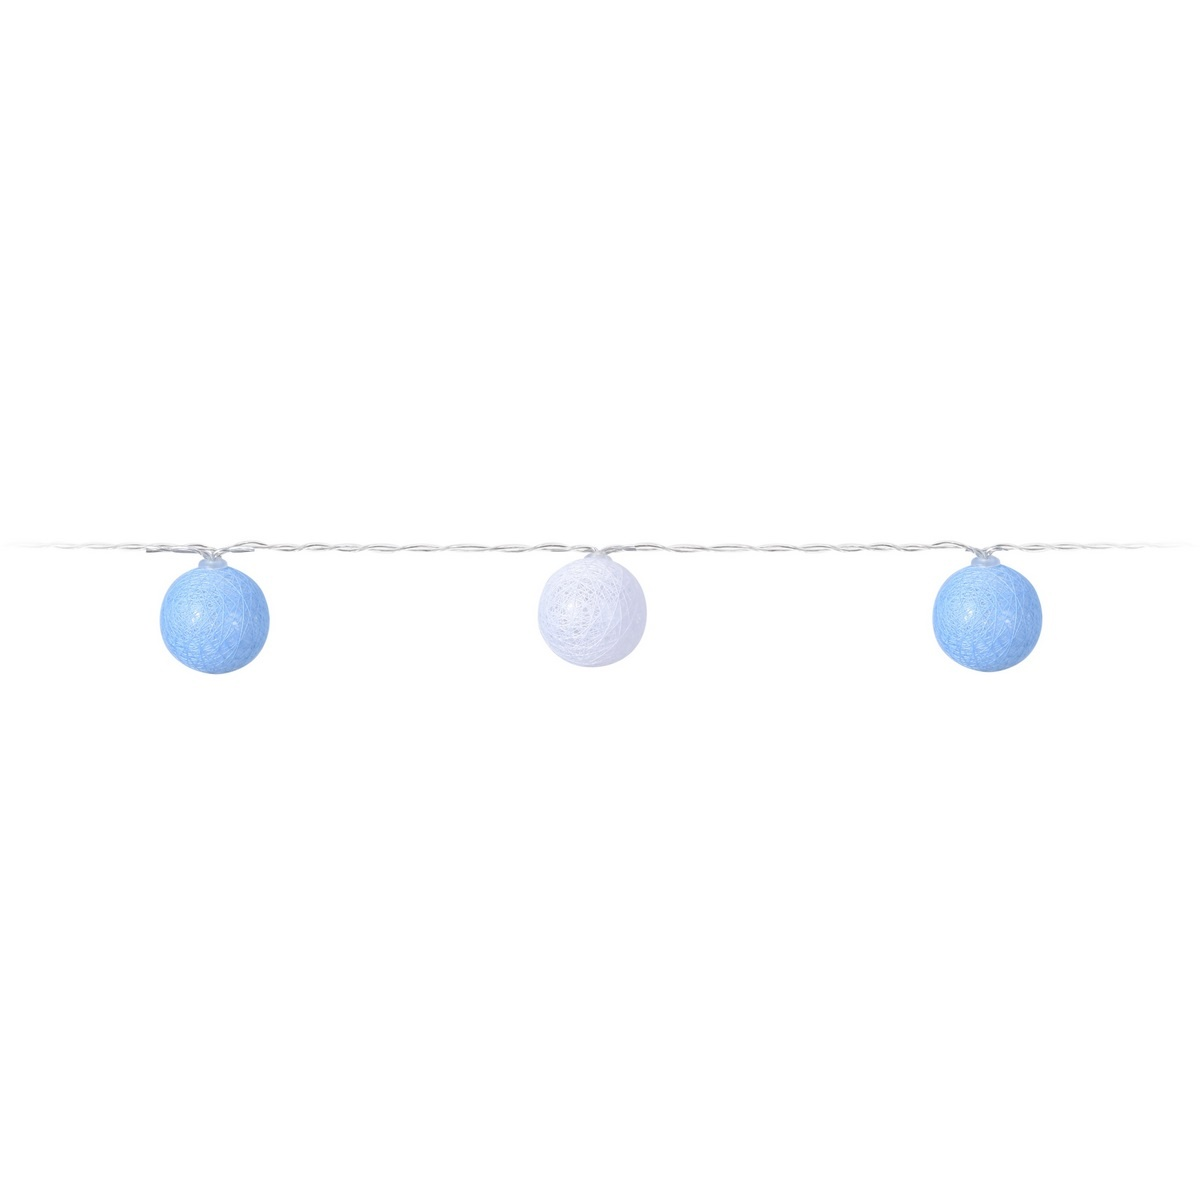 Dekoracyjny łańcuch LED Pastels niebieski, 10 LED